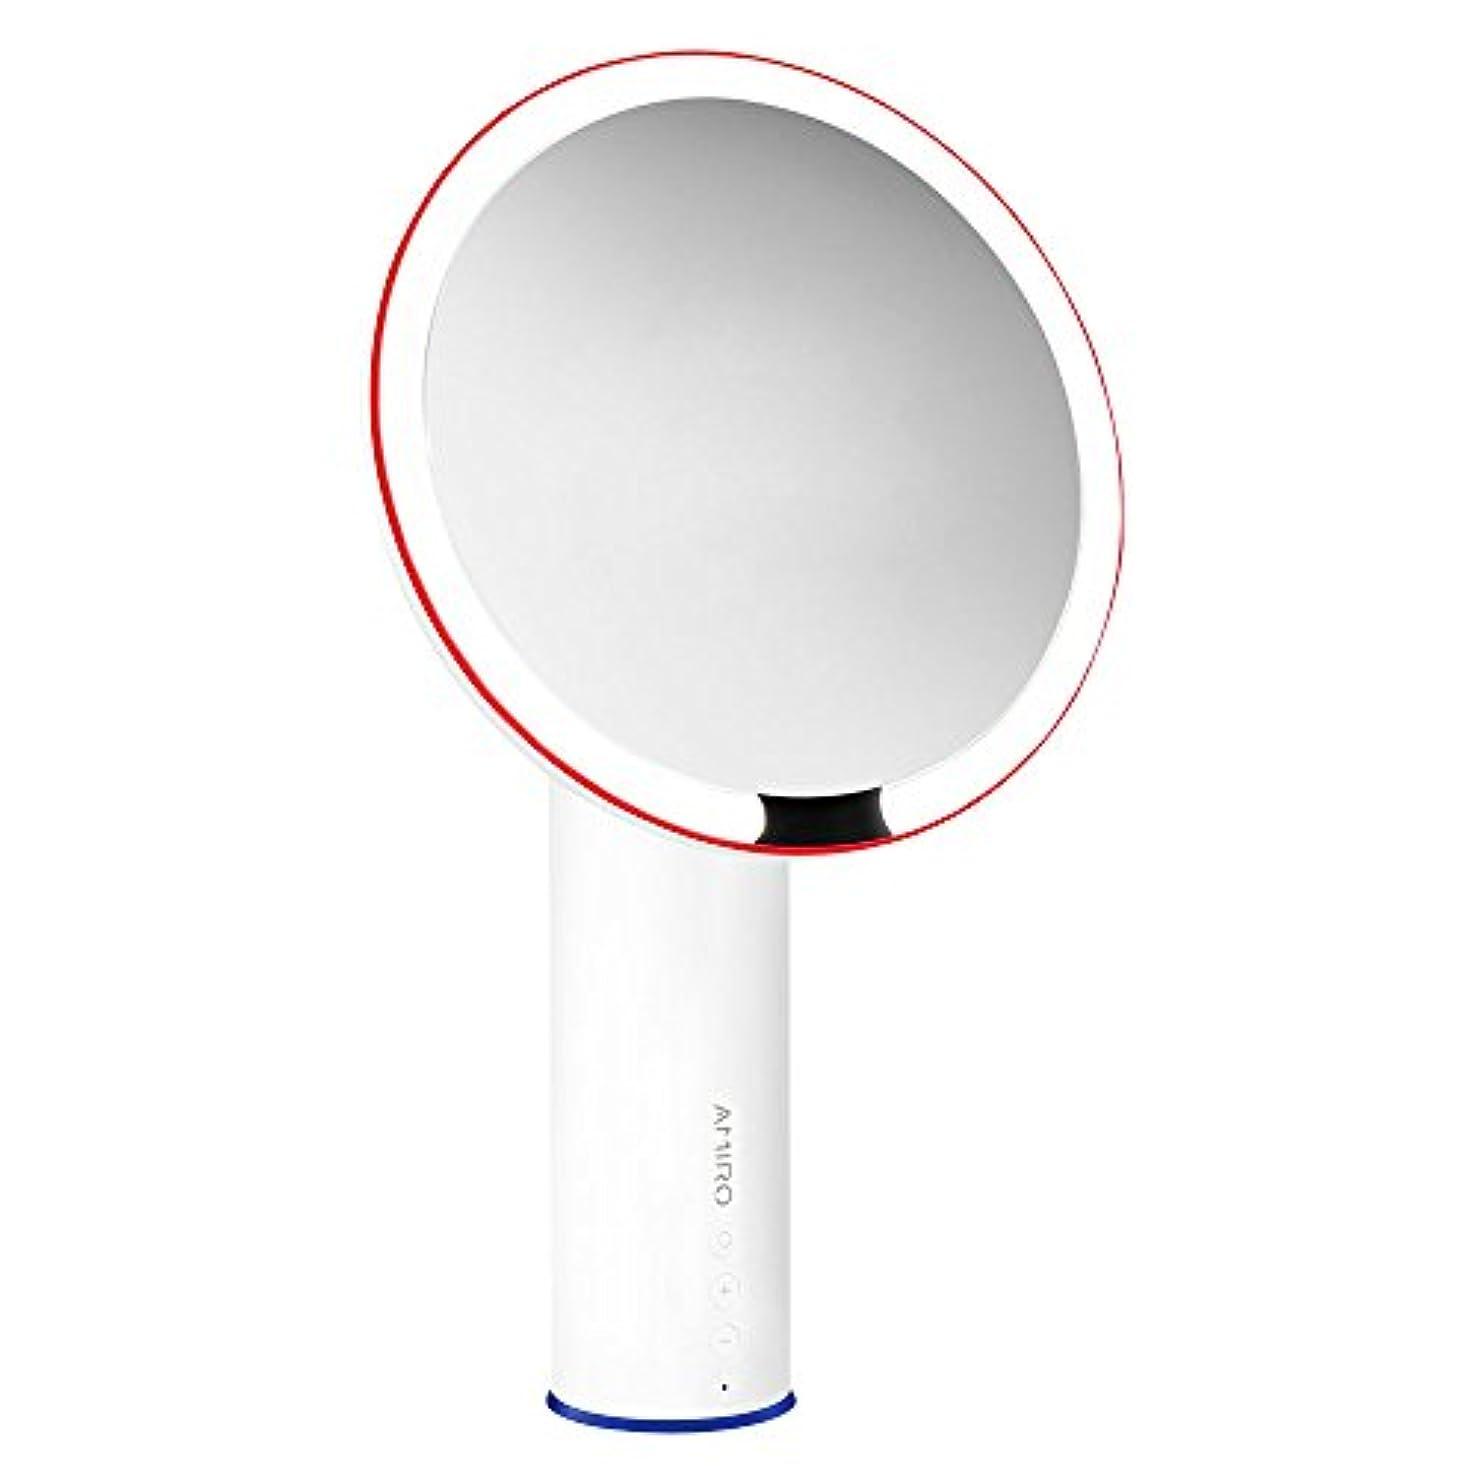 ハード出費無効AMIRO LED化粧鏡 人感センサー付き 化粧ミラー LEDライト付き 卓上鏡 女優ミラー 3段階明るさ調節可能